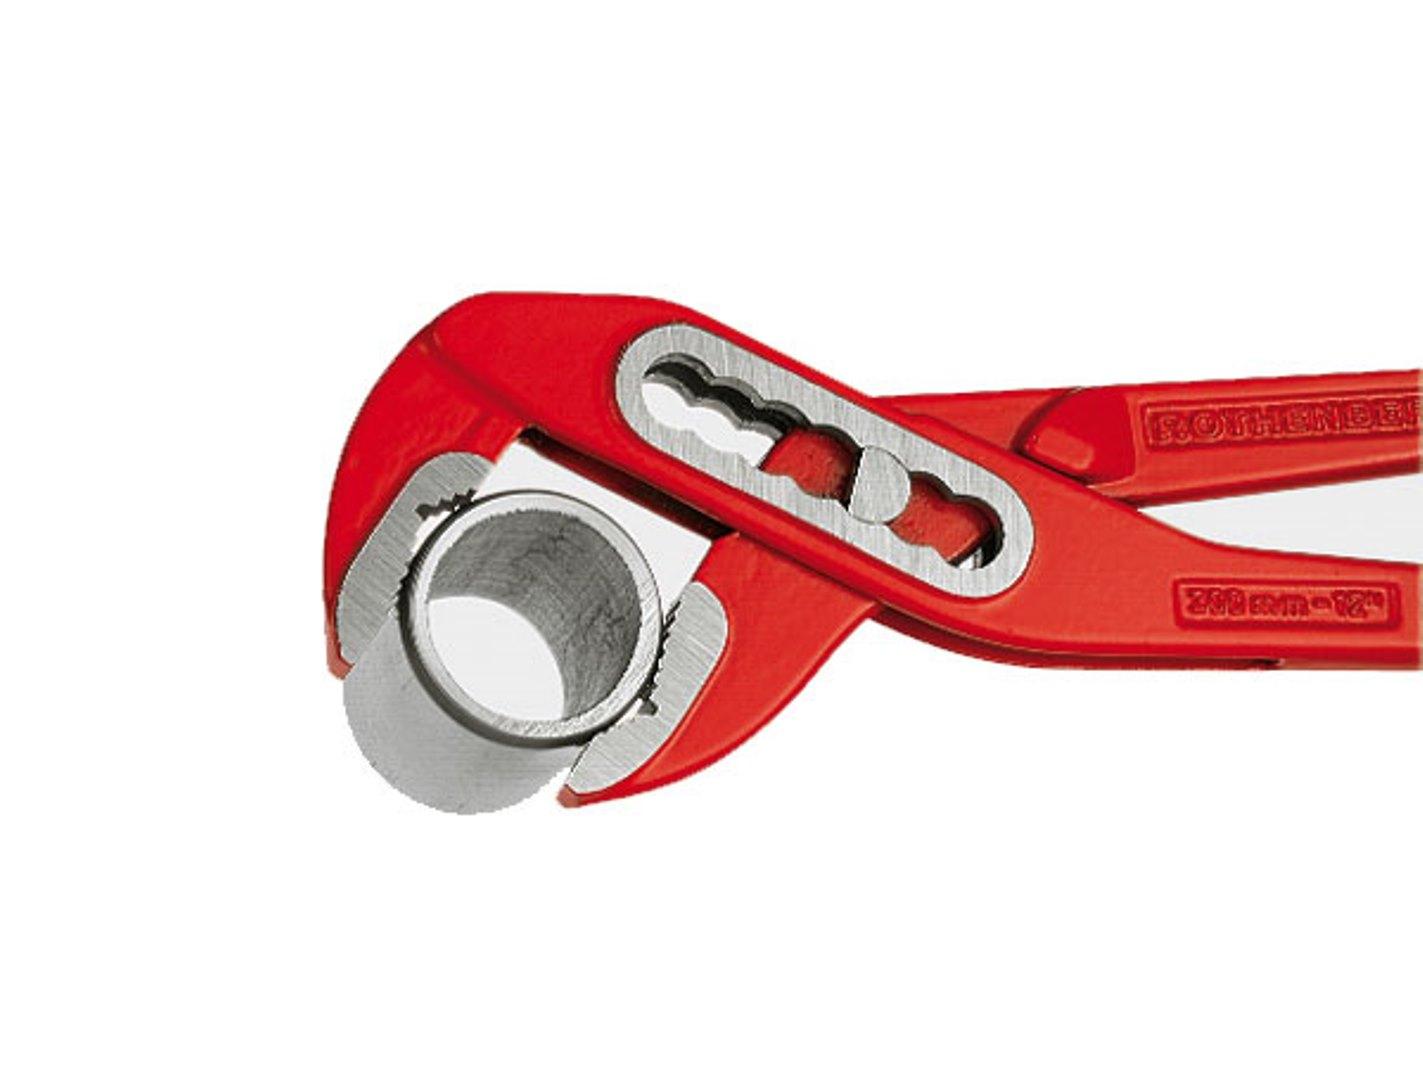 Ключ трубный переставной Rothenberger 70527 ключ rothenberger 72101